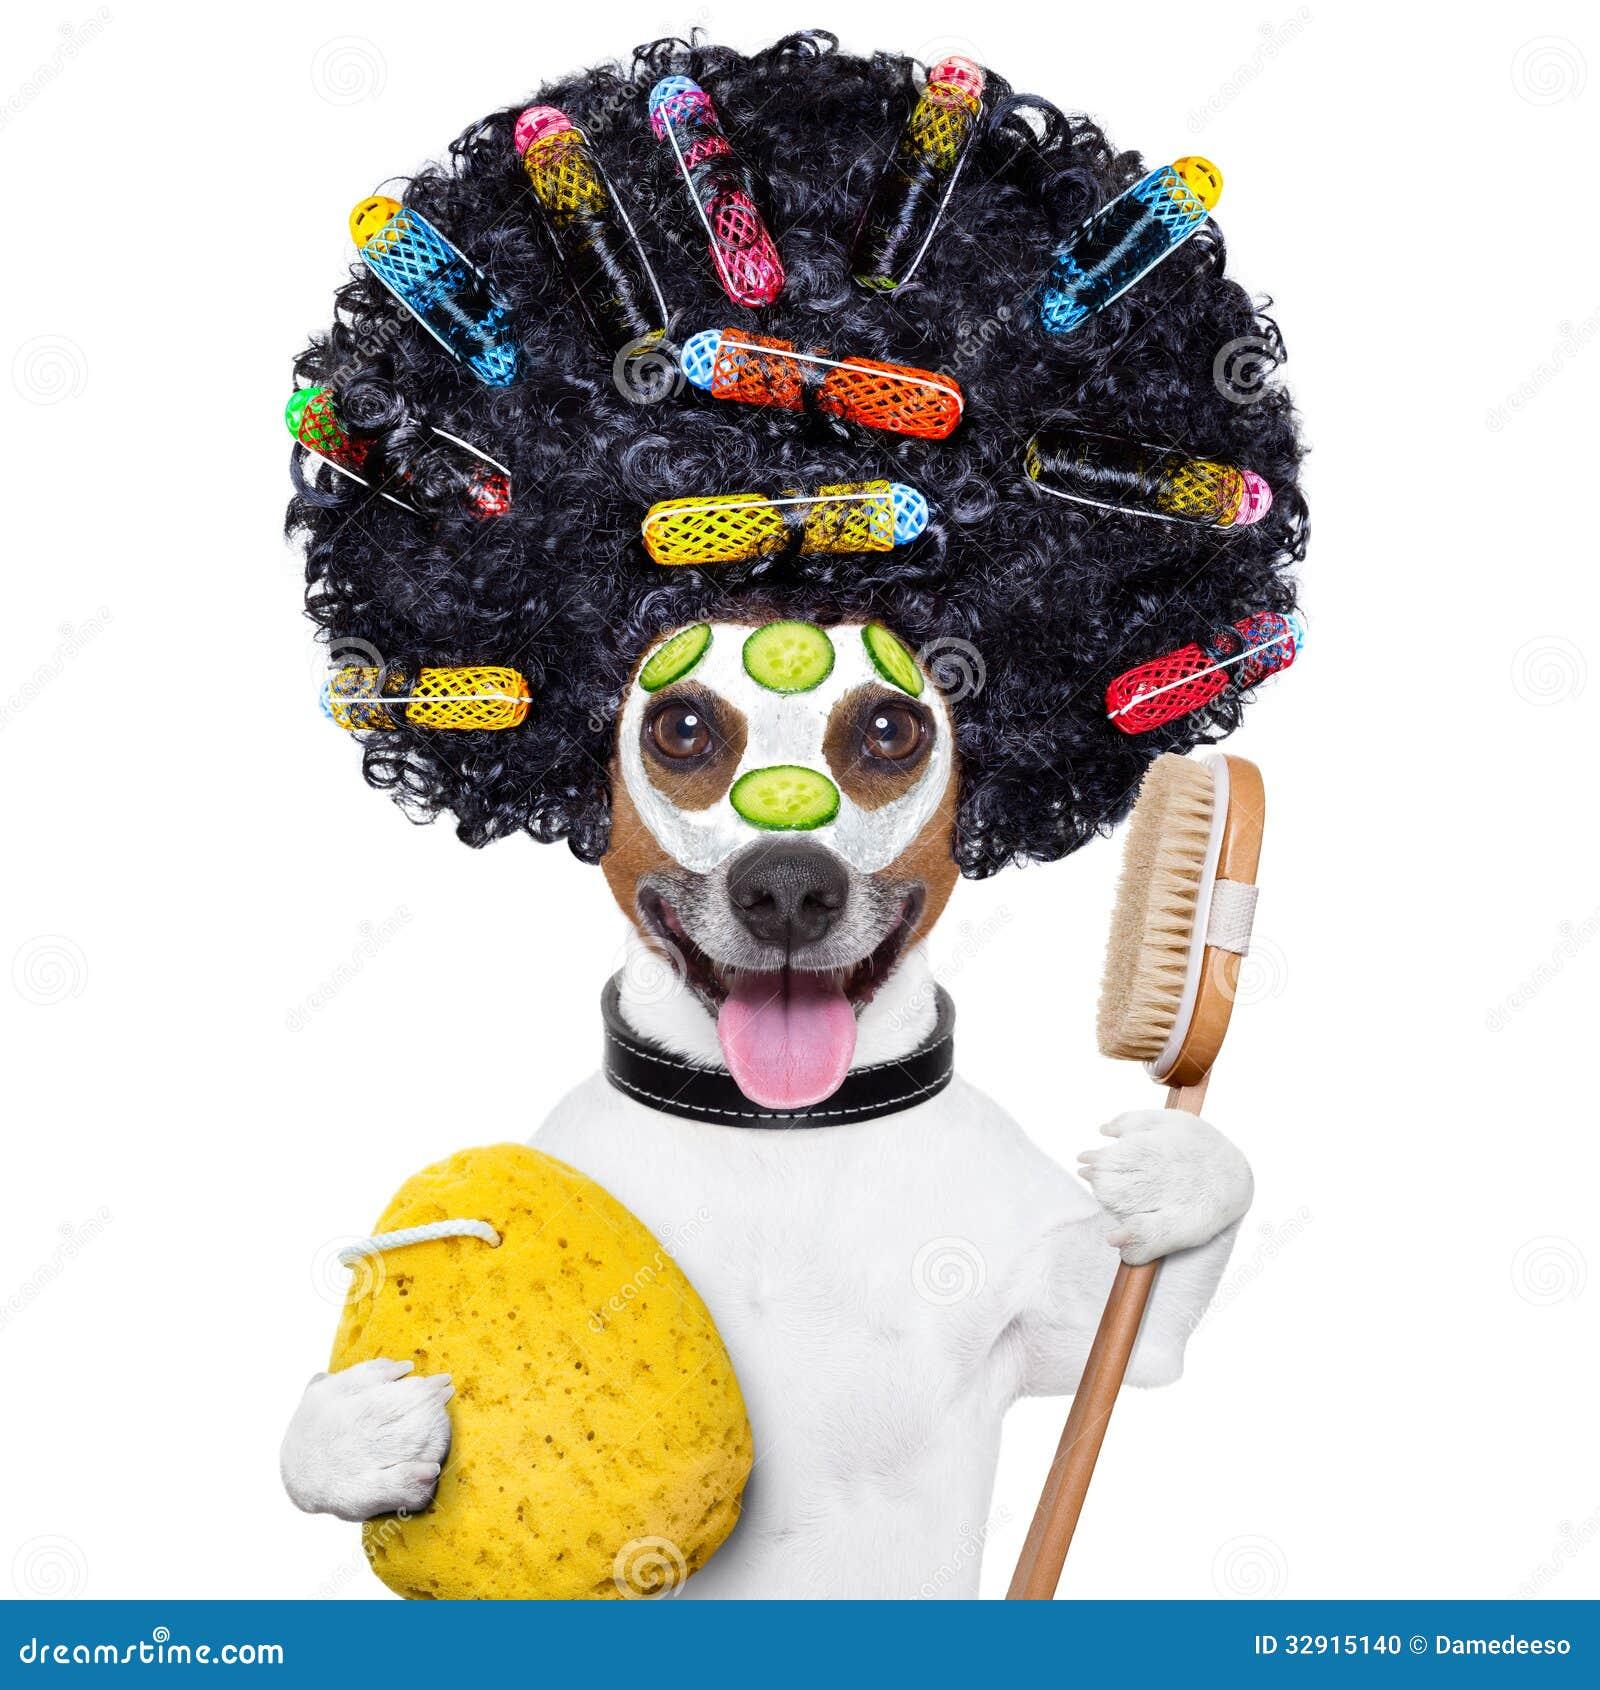 Dog Grooming No Backgroiund